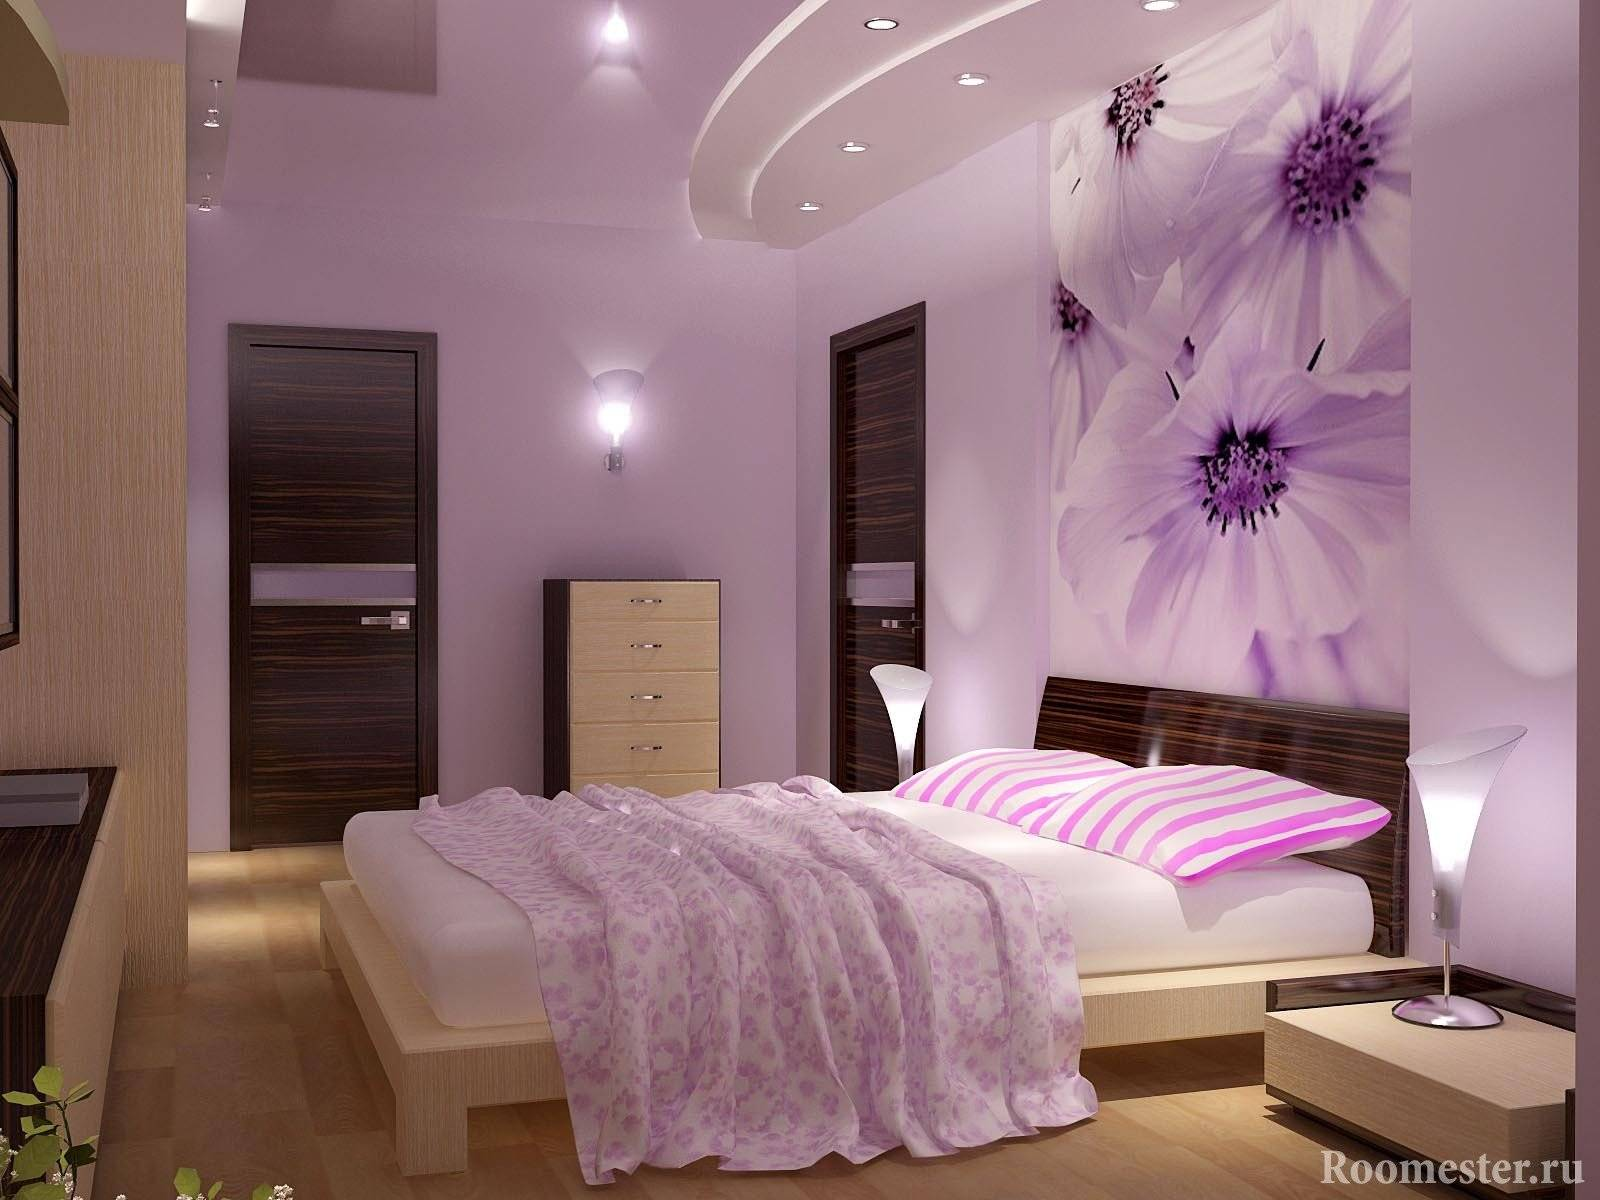 75 оригинальных идей декора интерьера спальни с фото